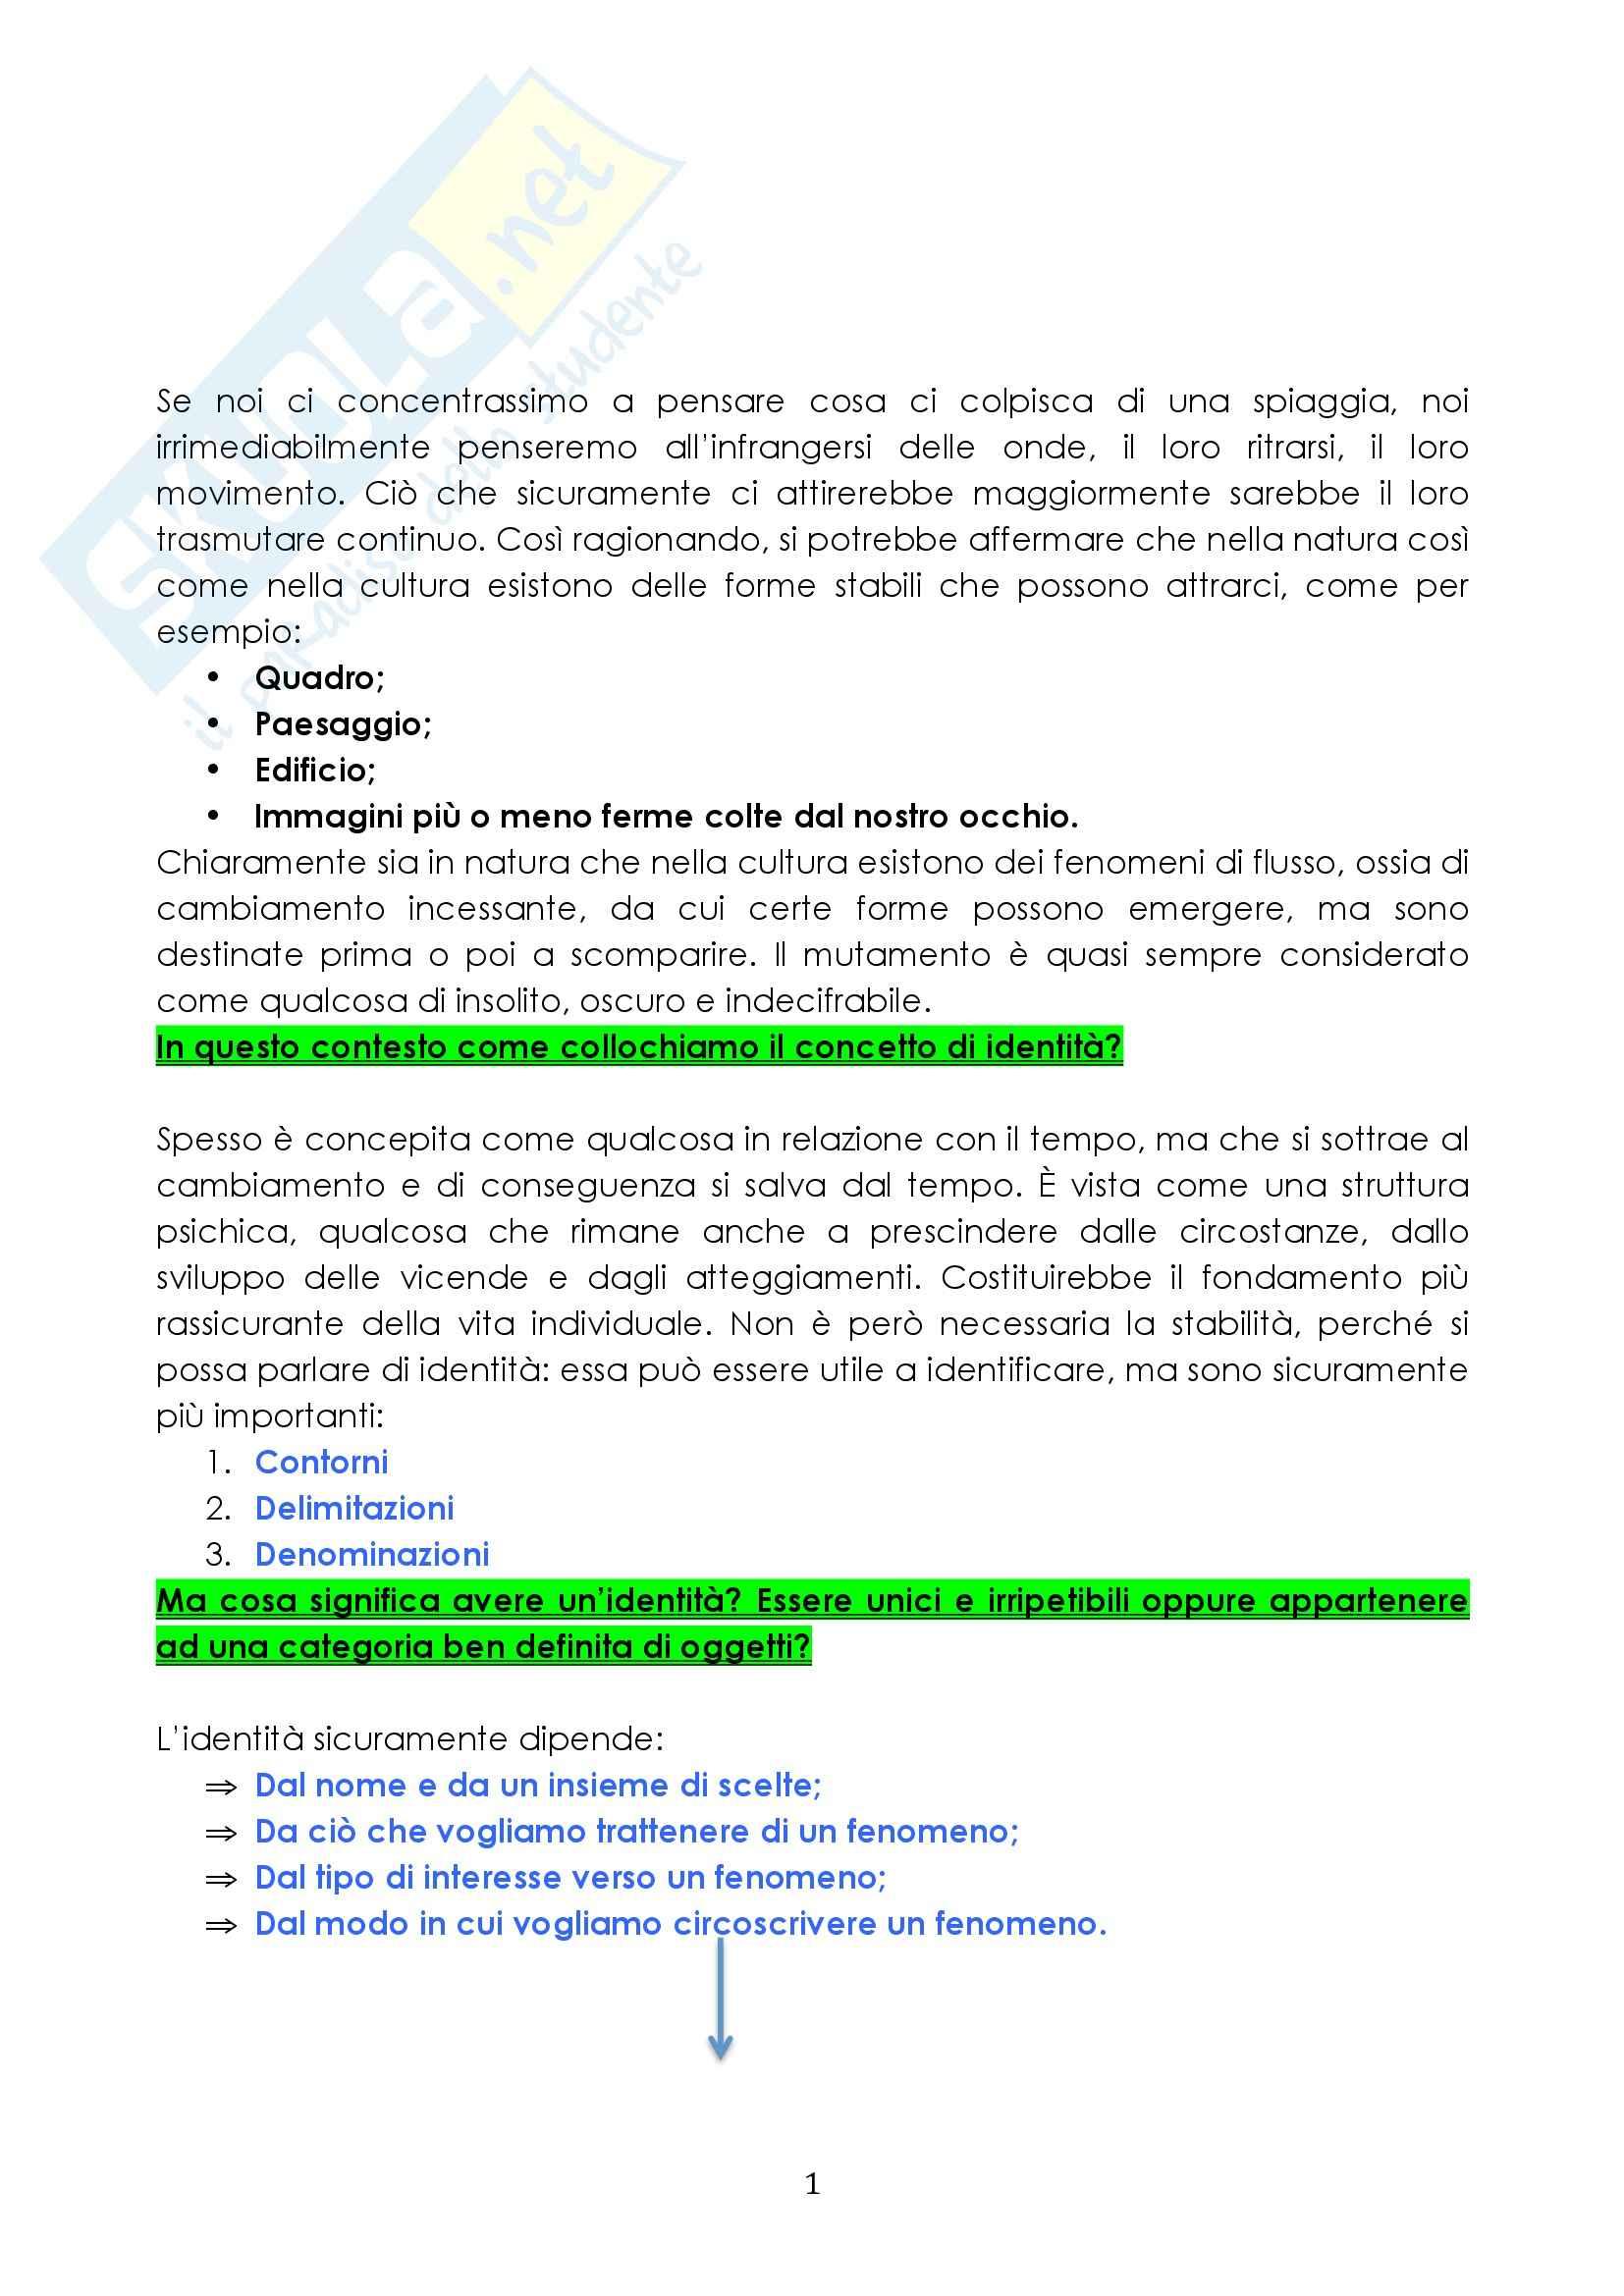 Riassunto esame Antropologia, prof. Pellizer, libro consigliato Contro l'Identità, Remotti